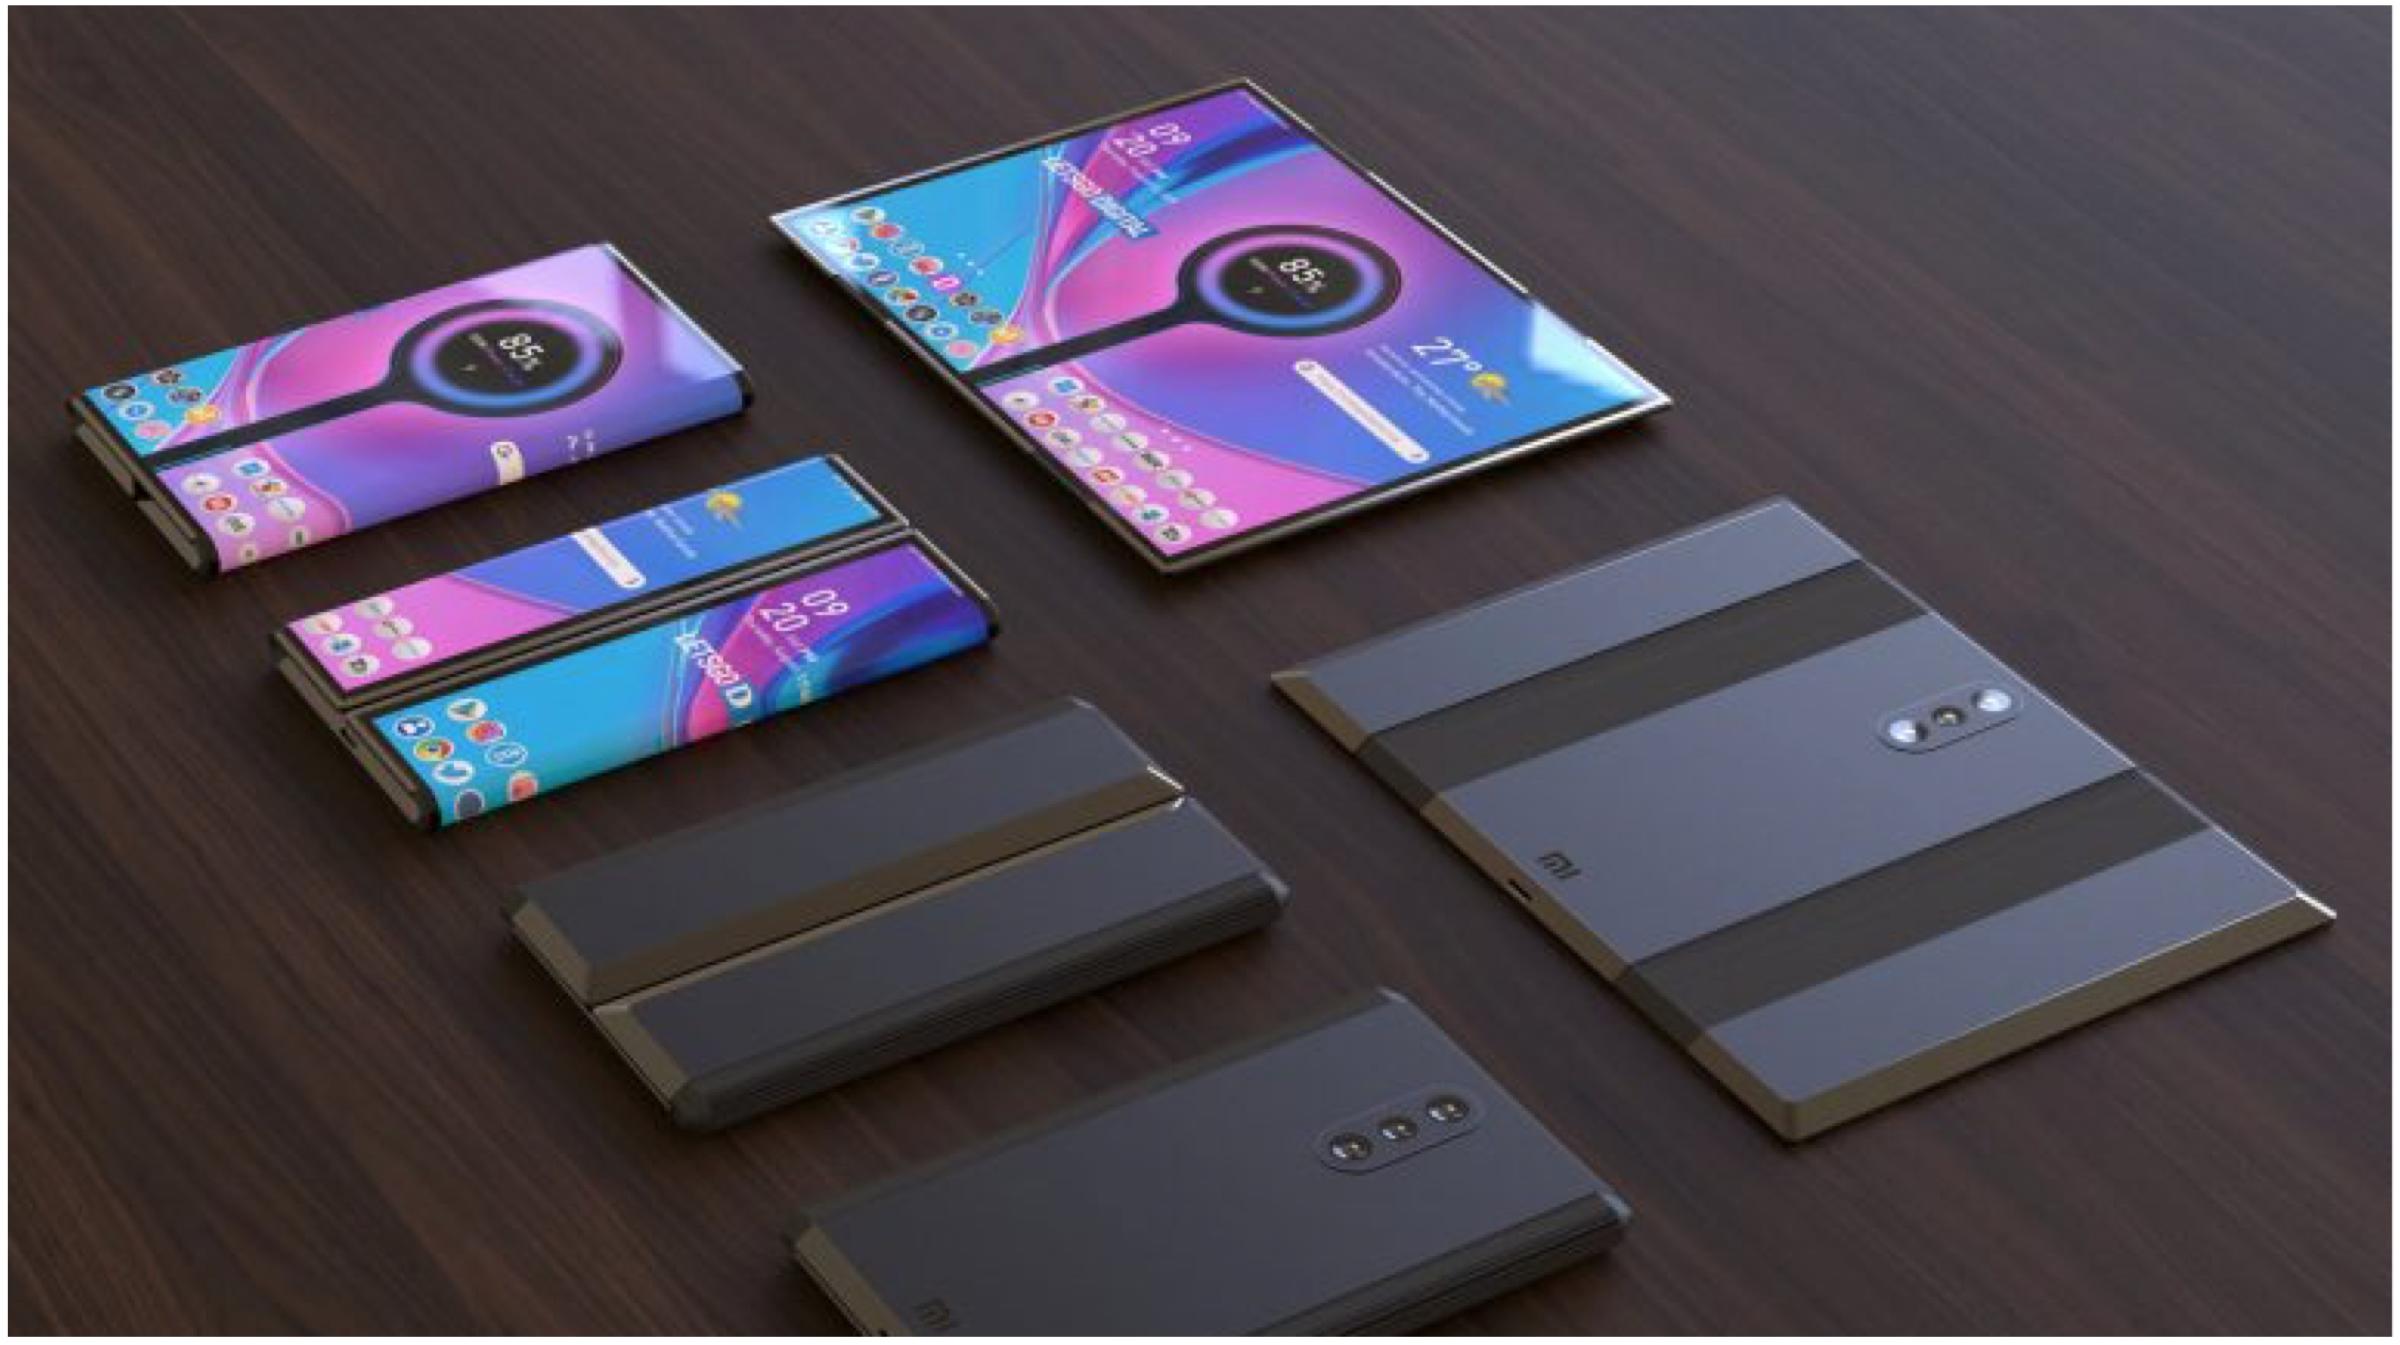 براءات الاختراع Xiaomi هاتف ذكي يتحول إلى جهاز لوحي 1